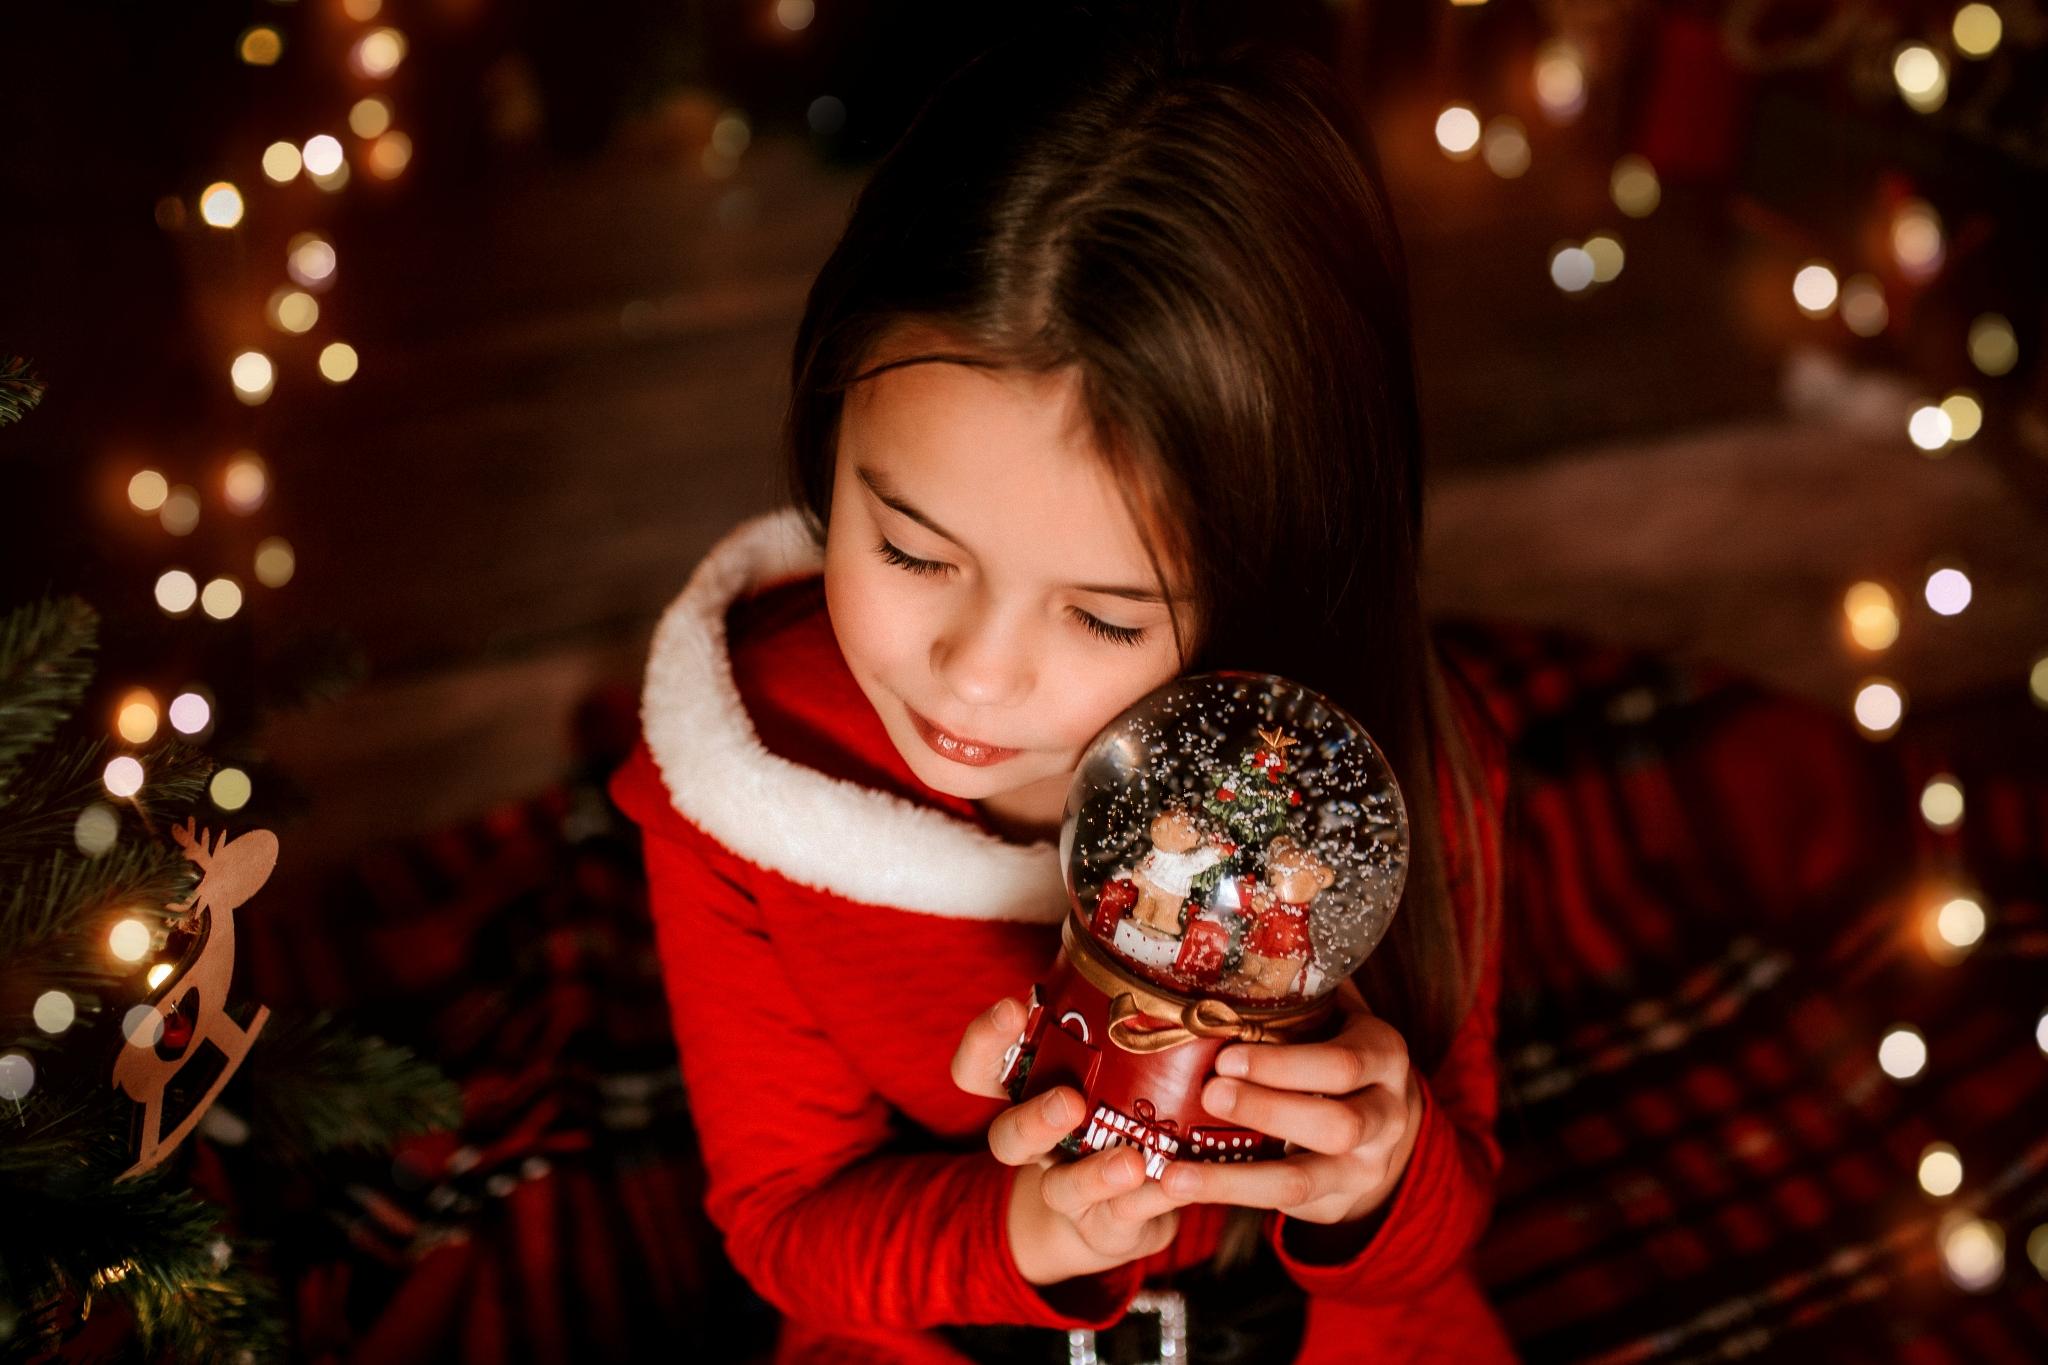 Sesje świąteczne w Szczecinie, Mini sesja świąteczna, Boże Narodzenie